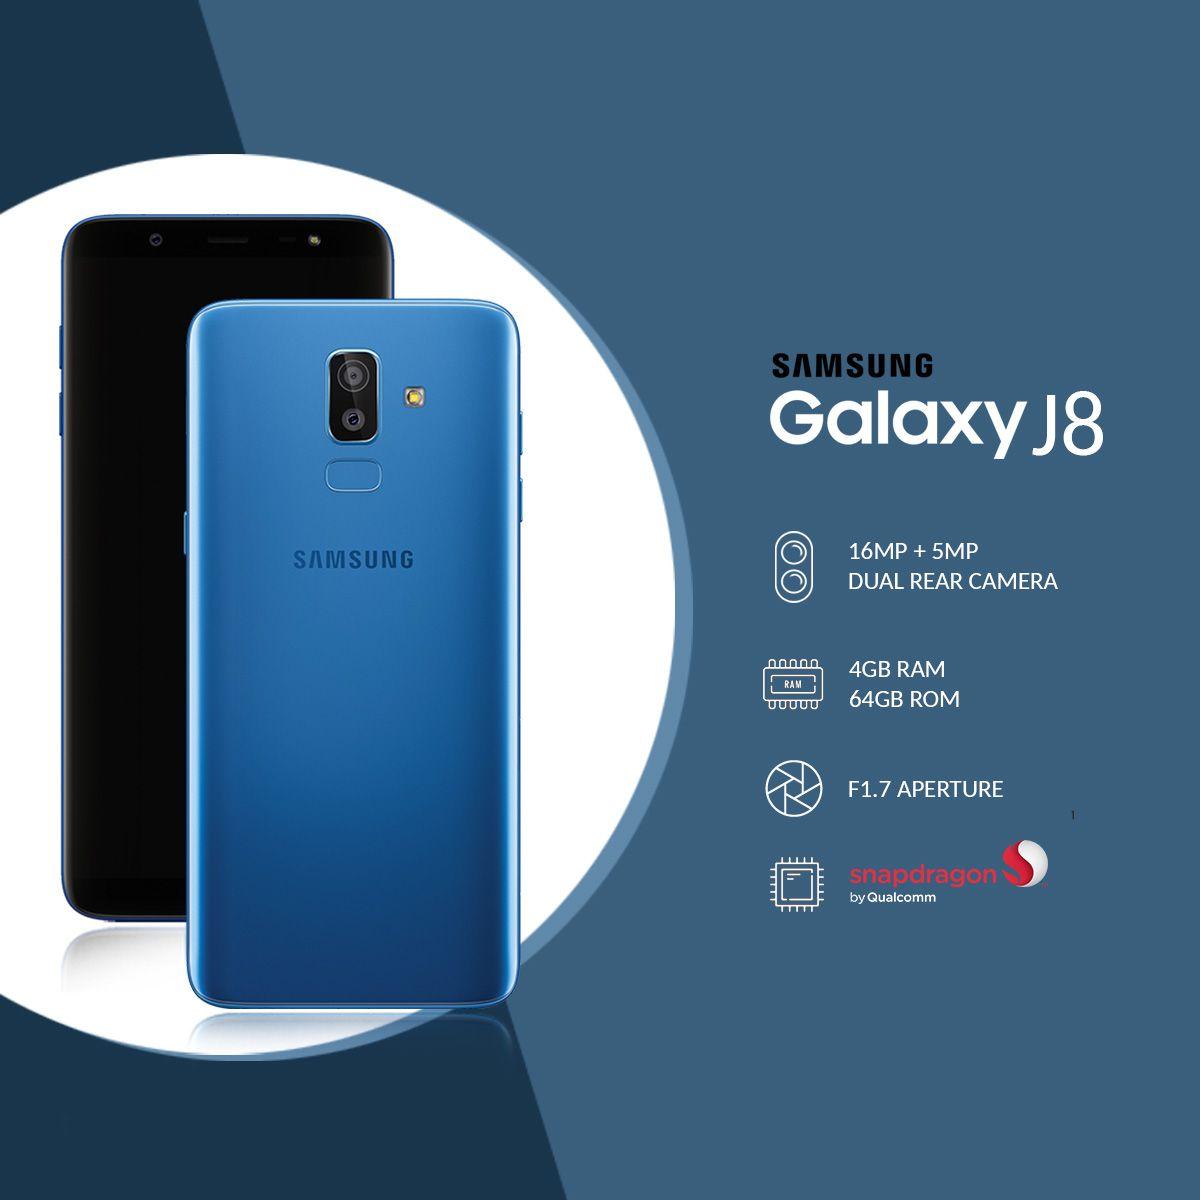 online store 6315e 7ef30 Samsung Galaxy J8 (2018) | SAMSUNG in 2019 | Samsung, Samsung mobile ...